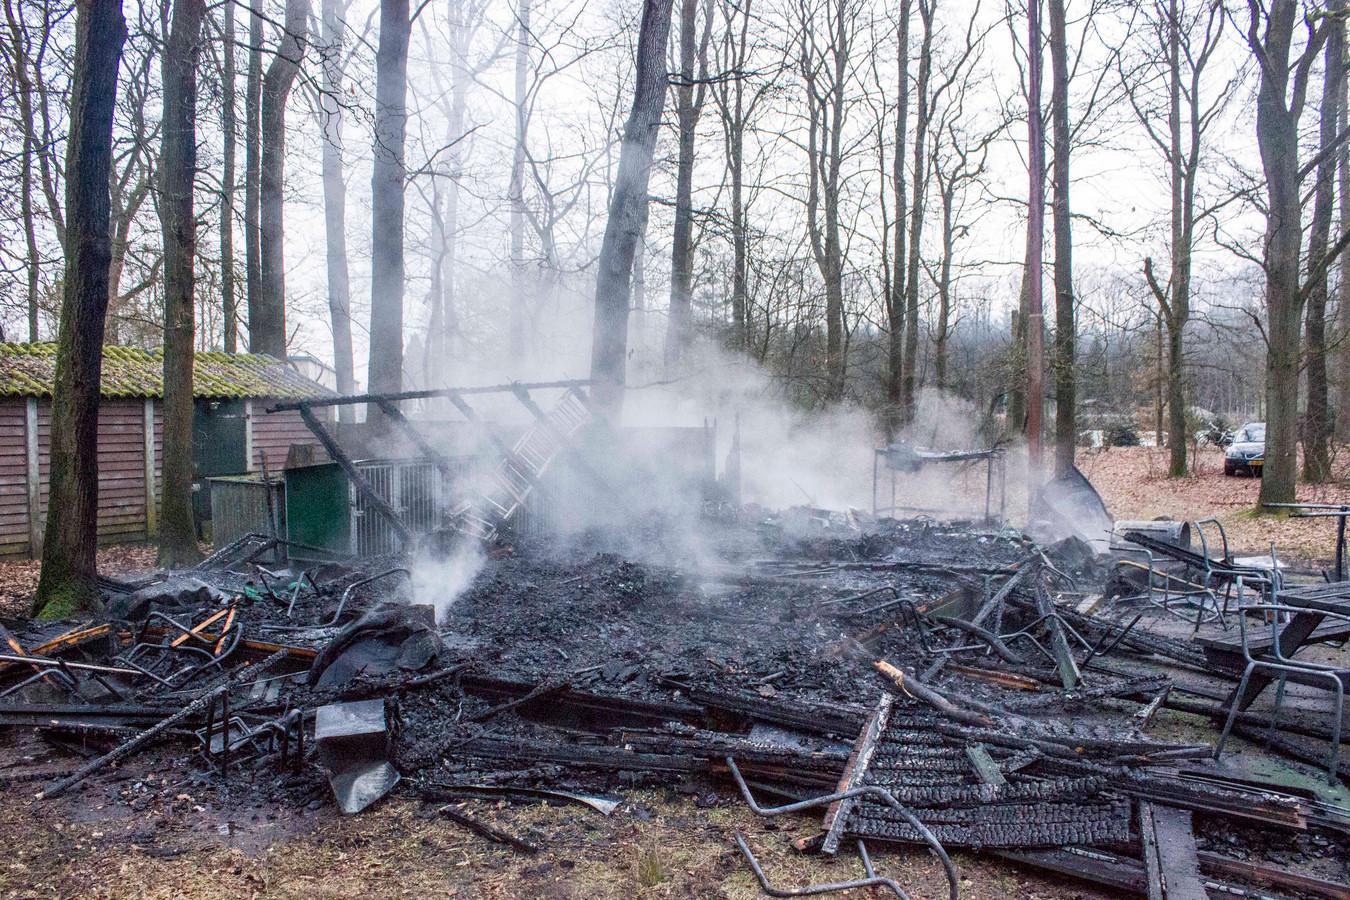 Het uitgebrande gebouw stond in de bossen aan de D.W. van Vreeswijklaan in Eerbeek.